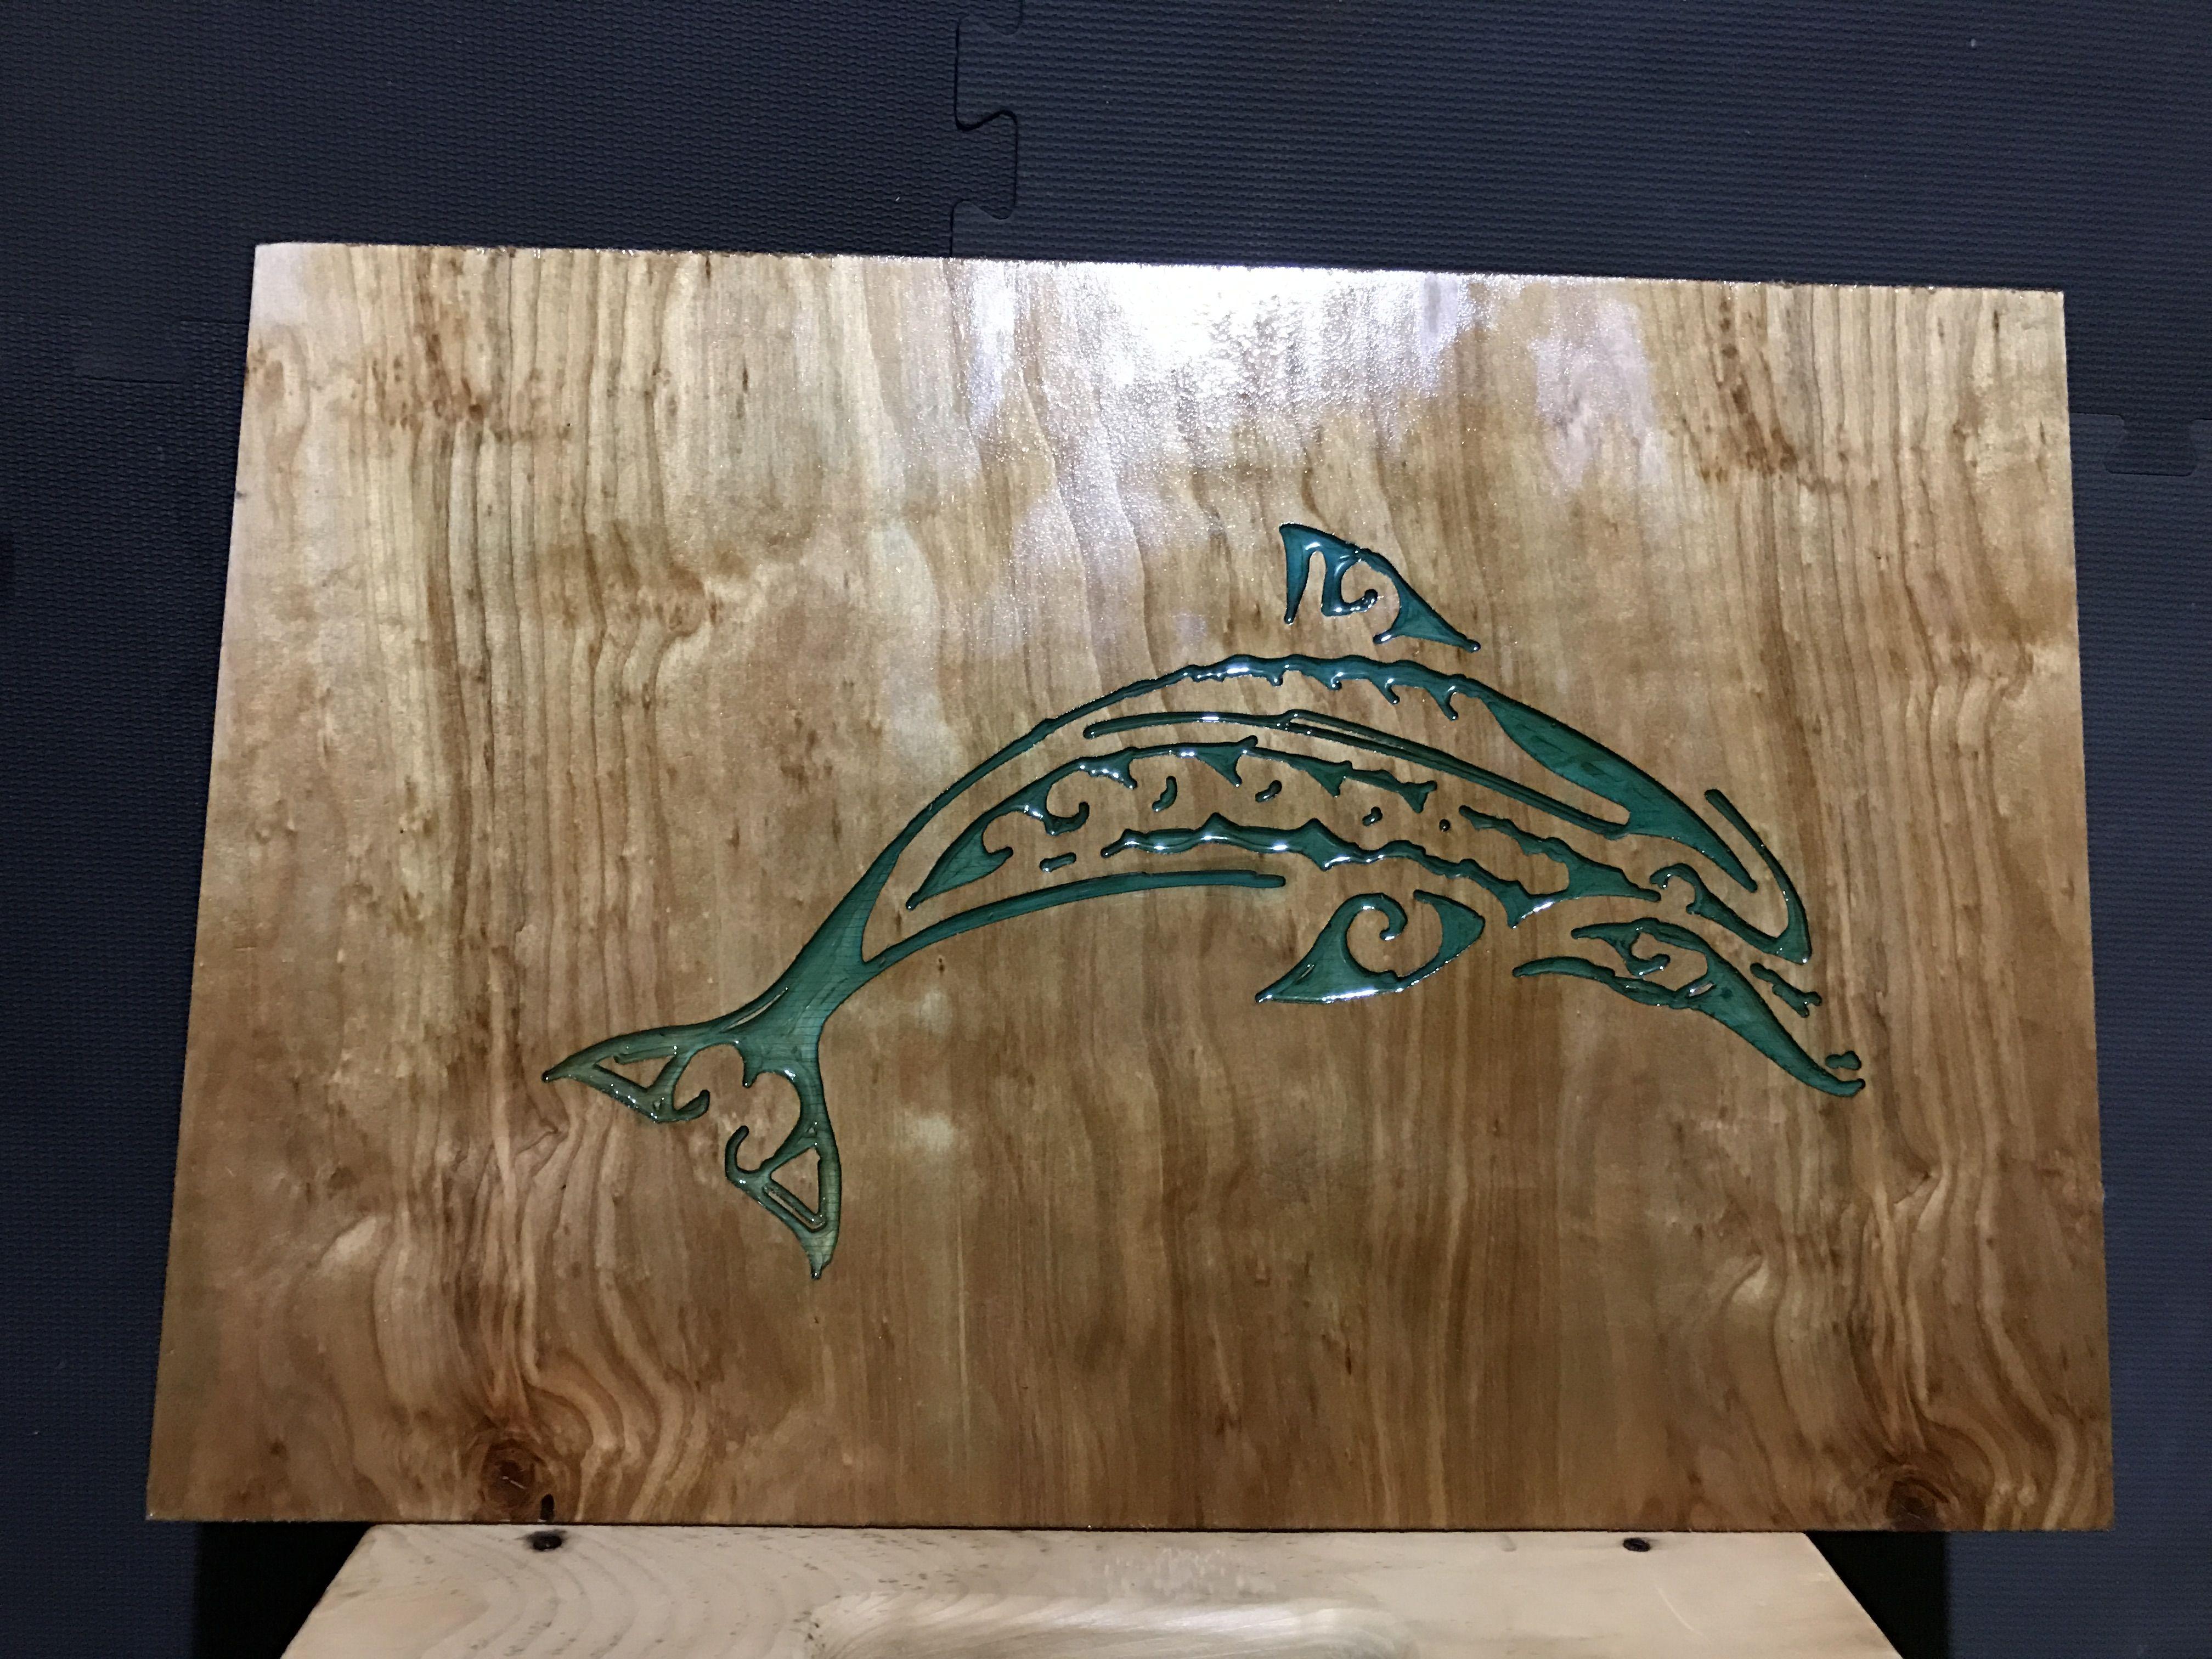 woodworking #epoxy #epoxyresin #wood #epoxyinlay #resin ... for Epoxy Resin Wood Art  570bof